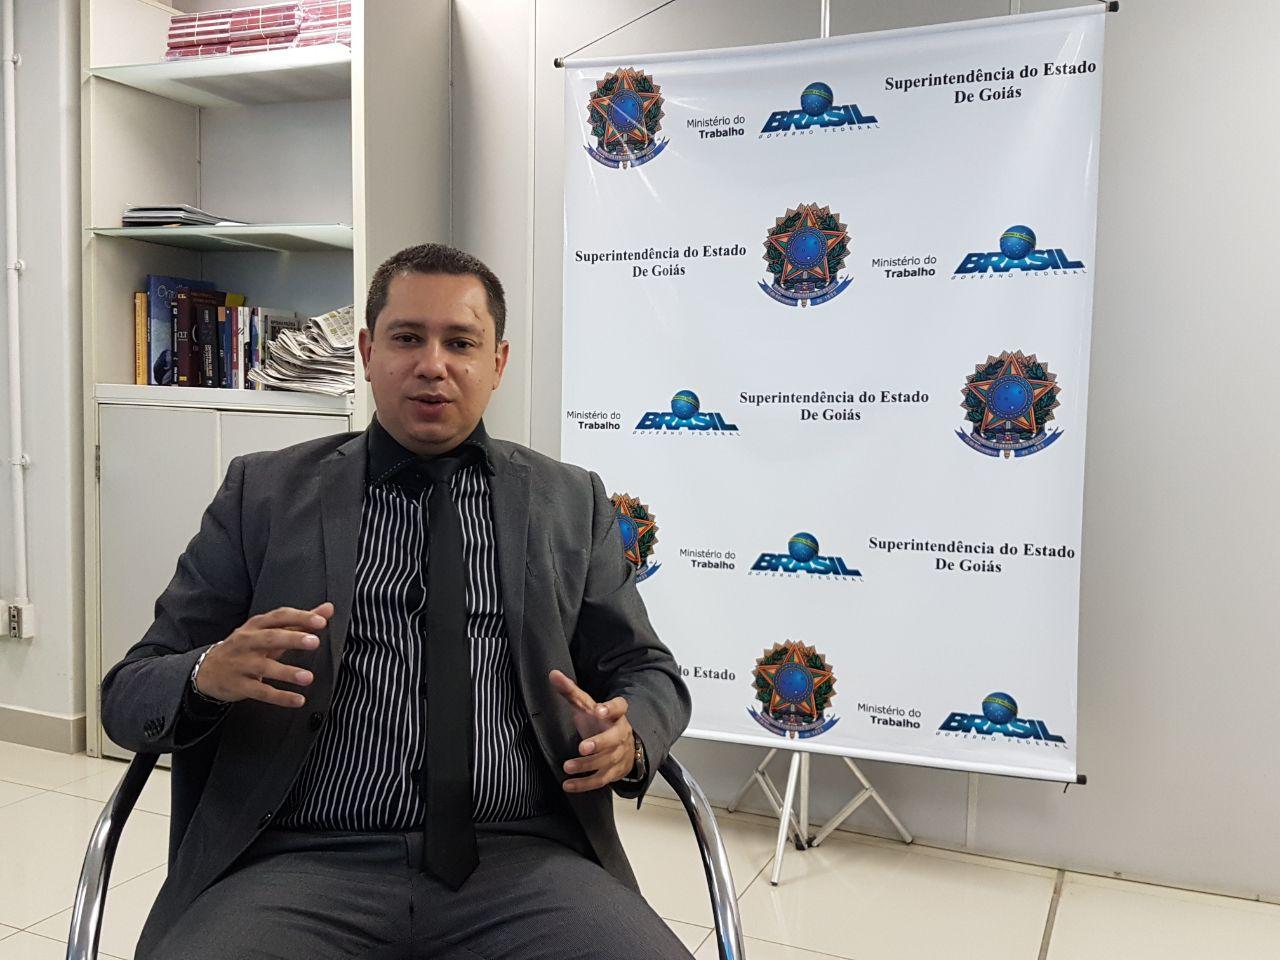 Superintendente do Ministério do Trabalho em Goiás,Dagmar Pereira   Foto: Folha Z